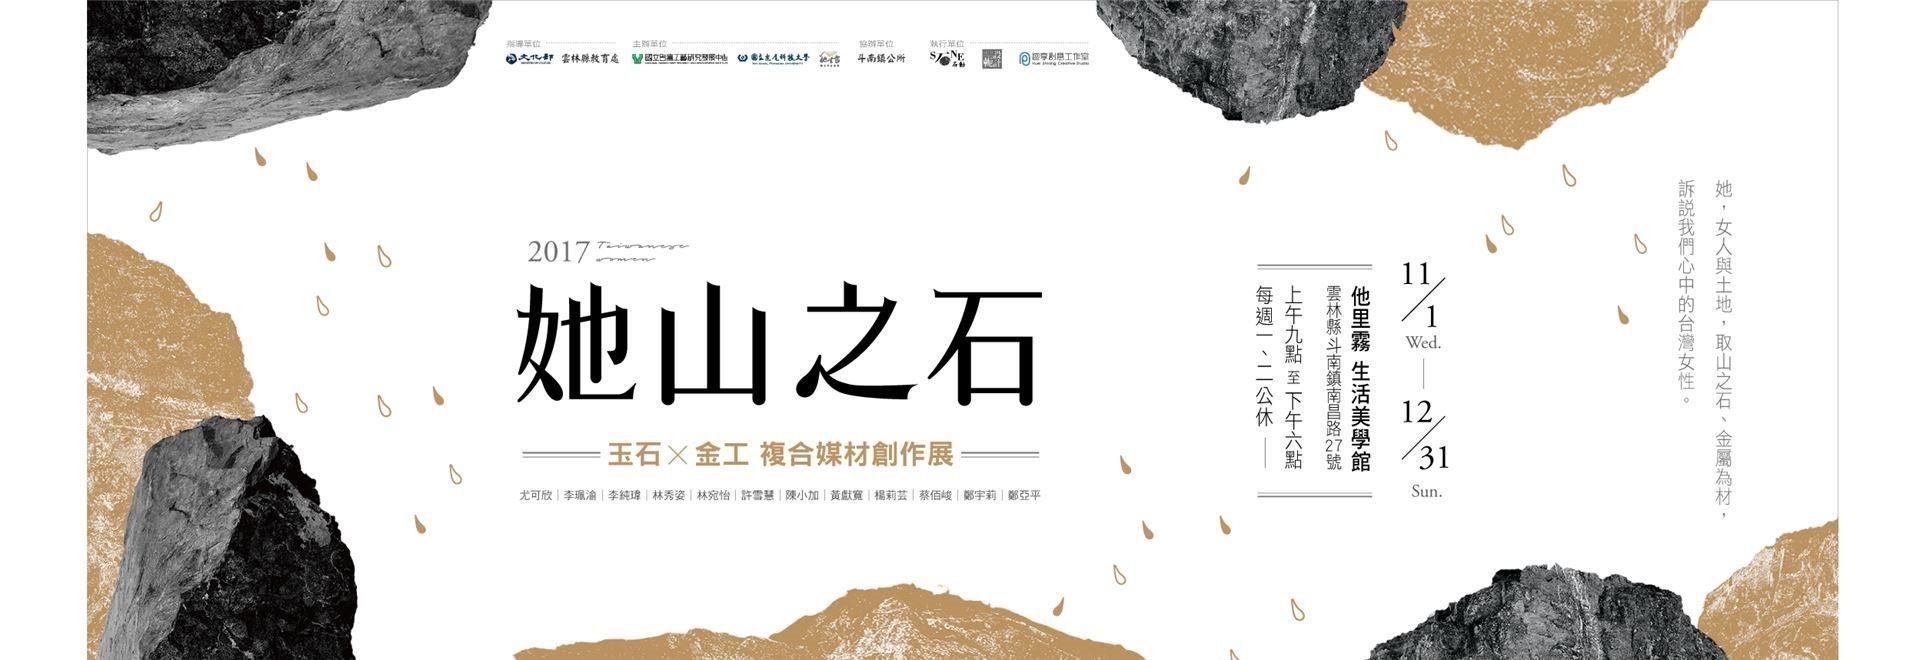 【她。山之石】-玉石x金工複合媒材創作展[另開新視窗]